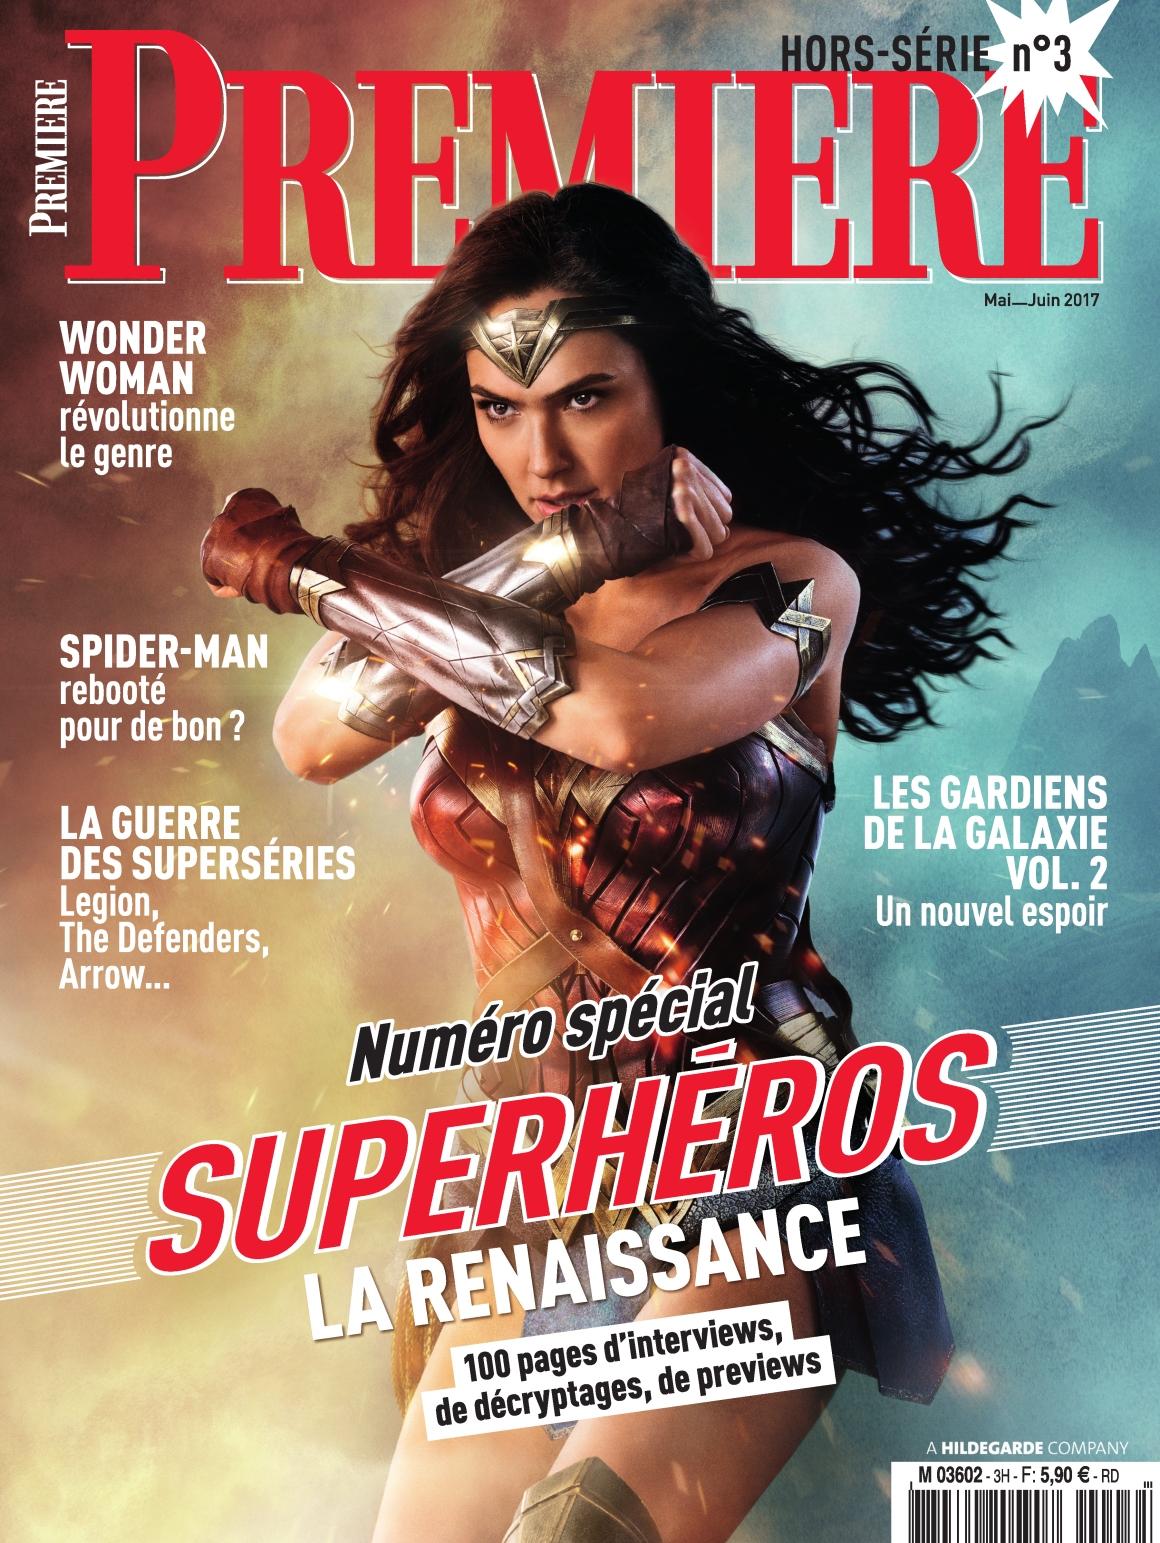 """Série """"Wonder Woman"""" PYJ629OWvIya08wNasI9uriwcG0"""